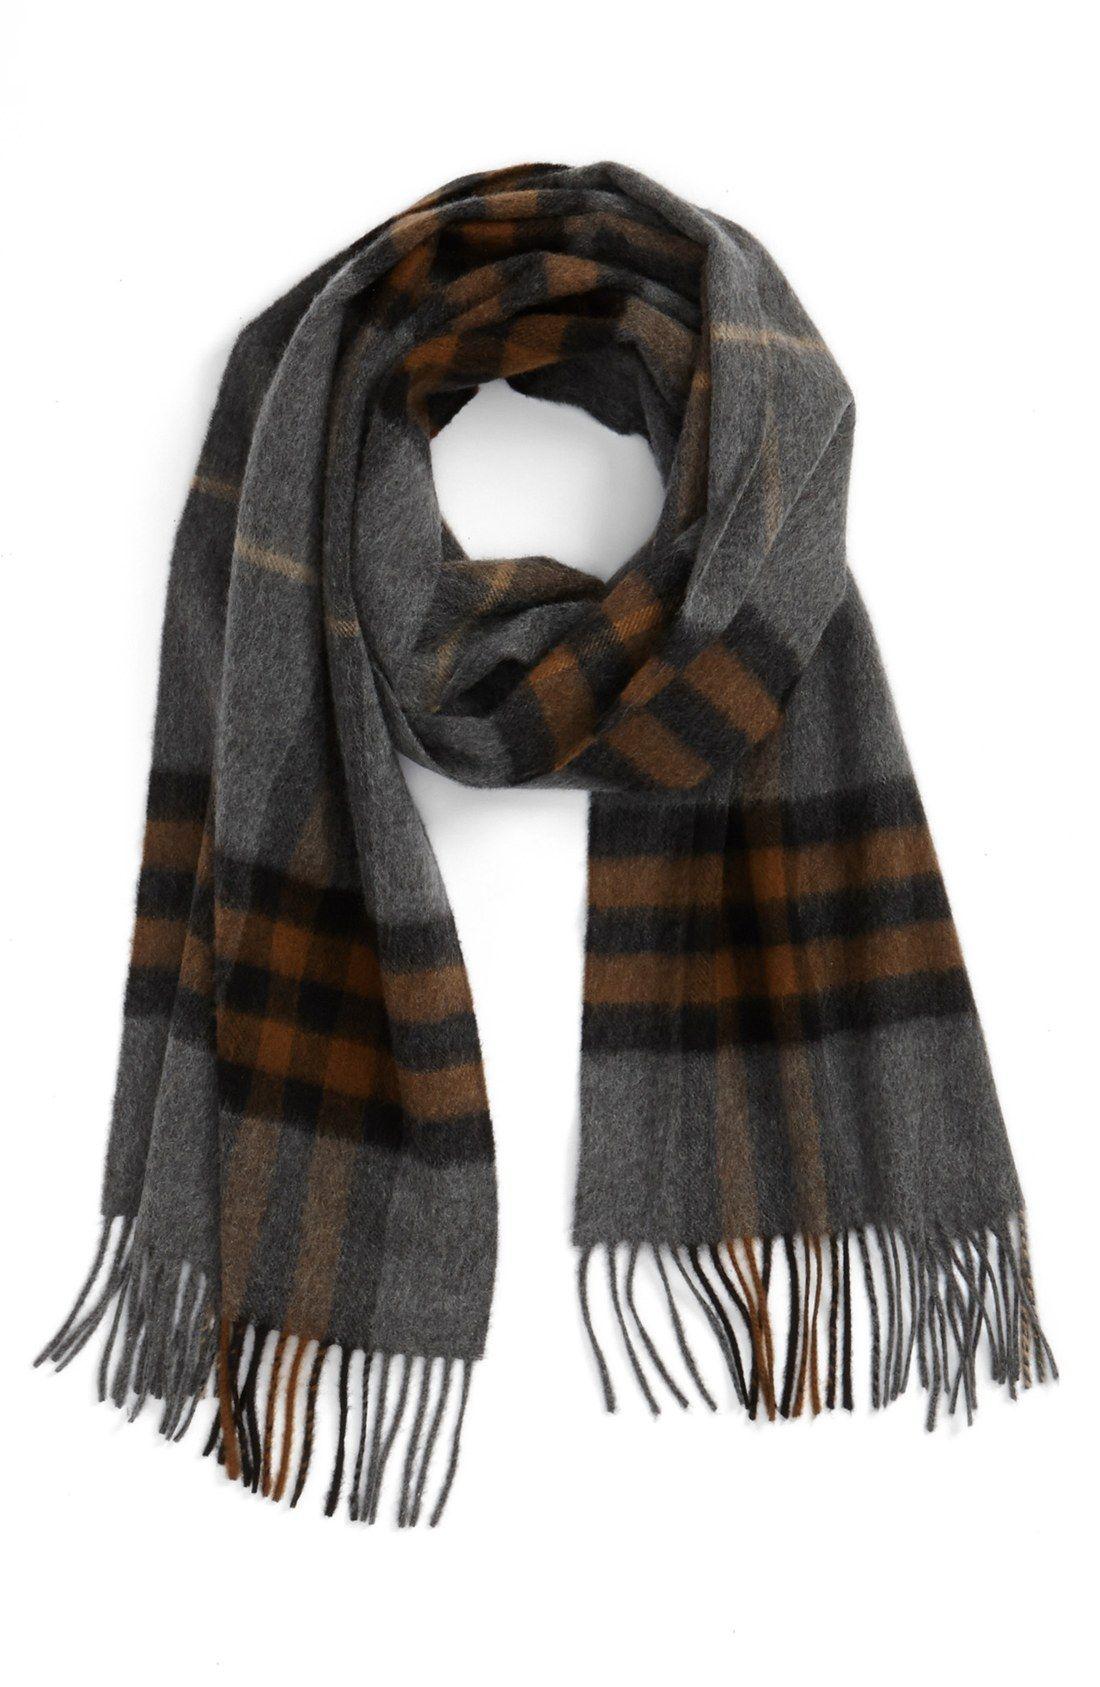 Accessoires De Mode · For him   Burberry giant check cashmere scarf. Mode  Homme, Tenues À La Mode 35ab5a47534